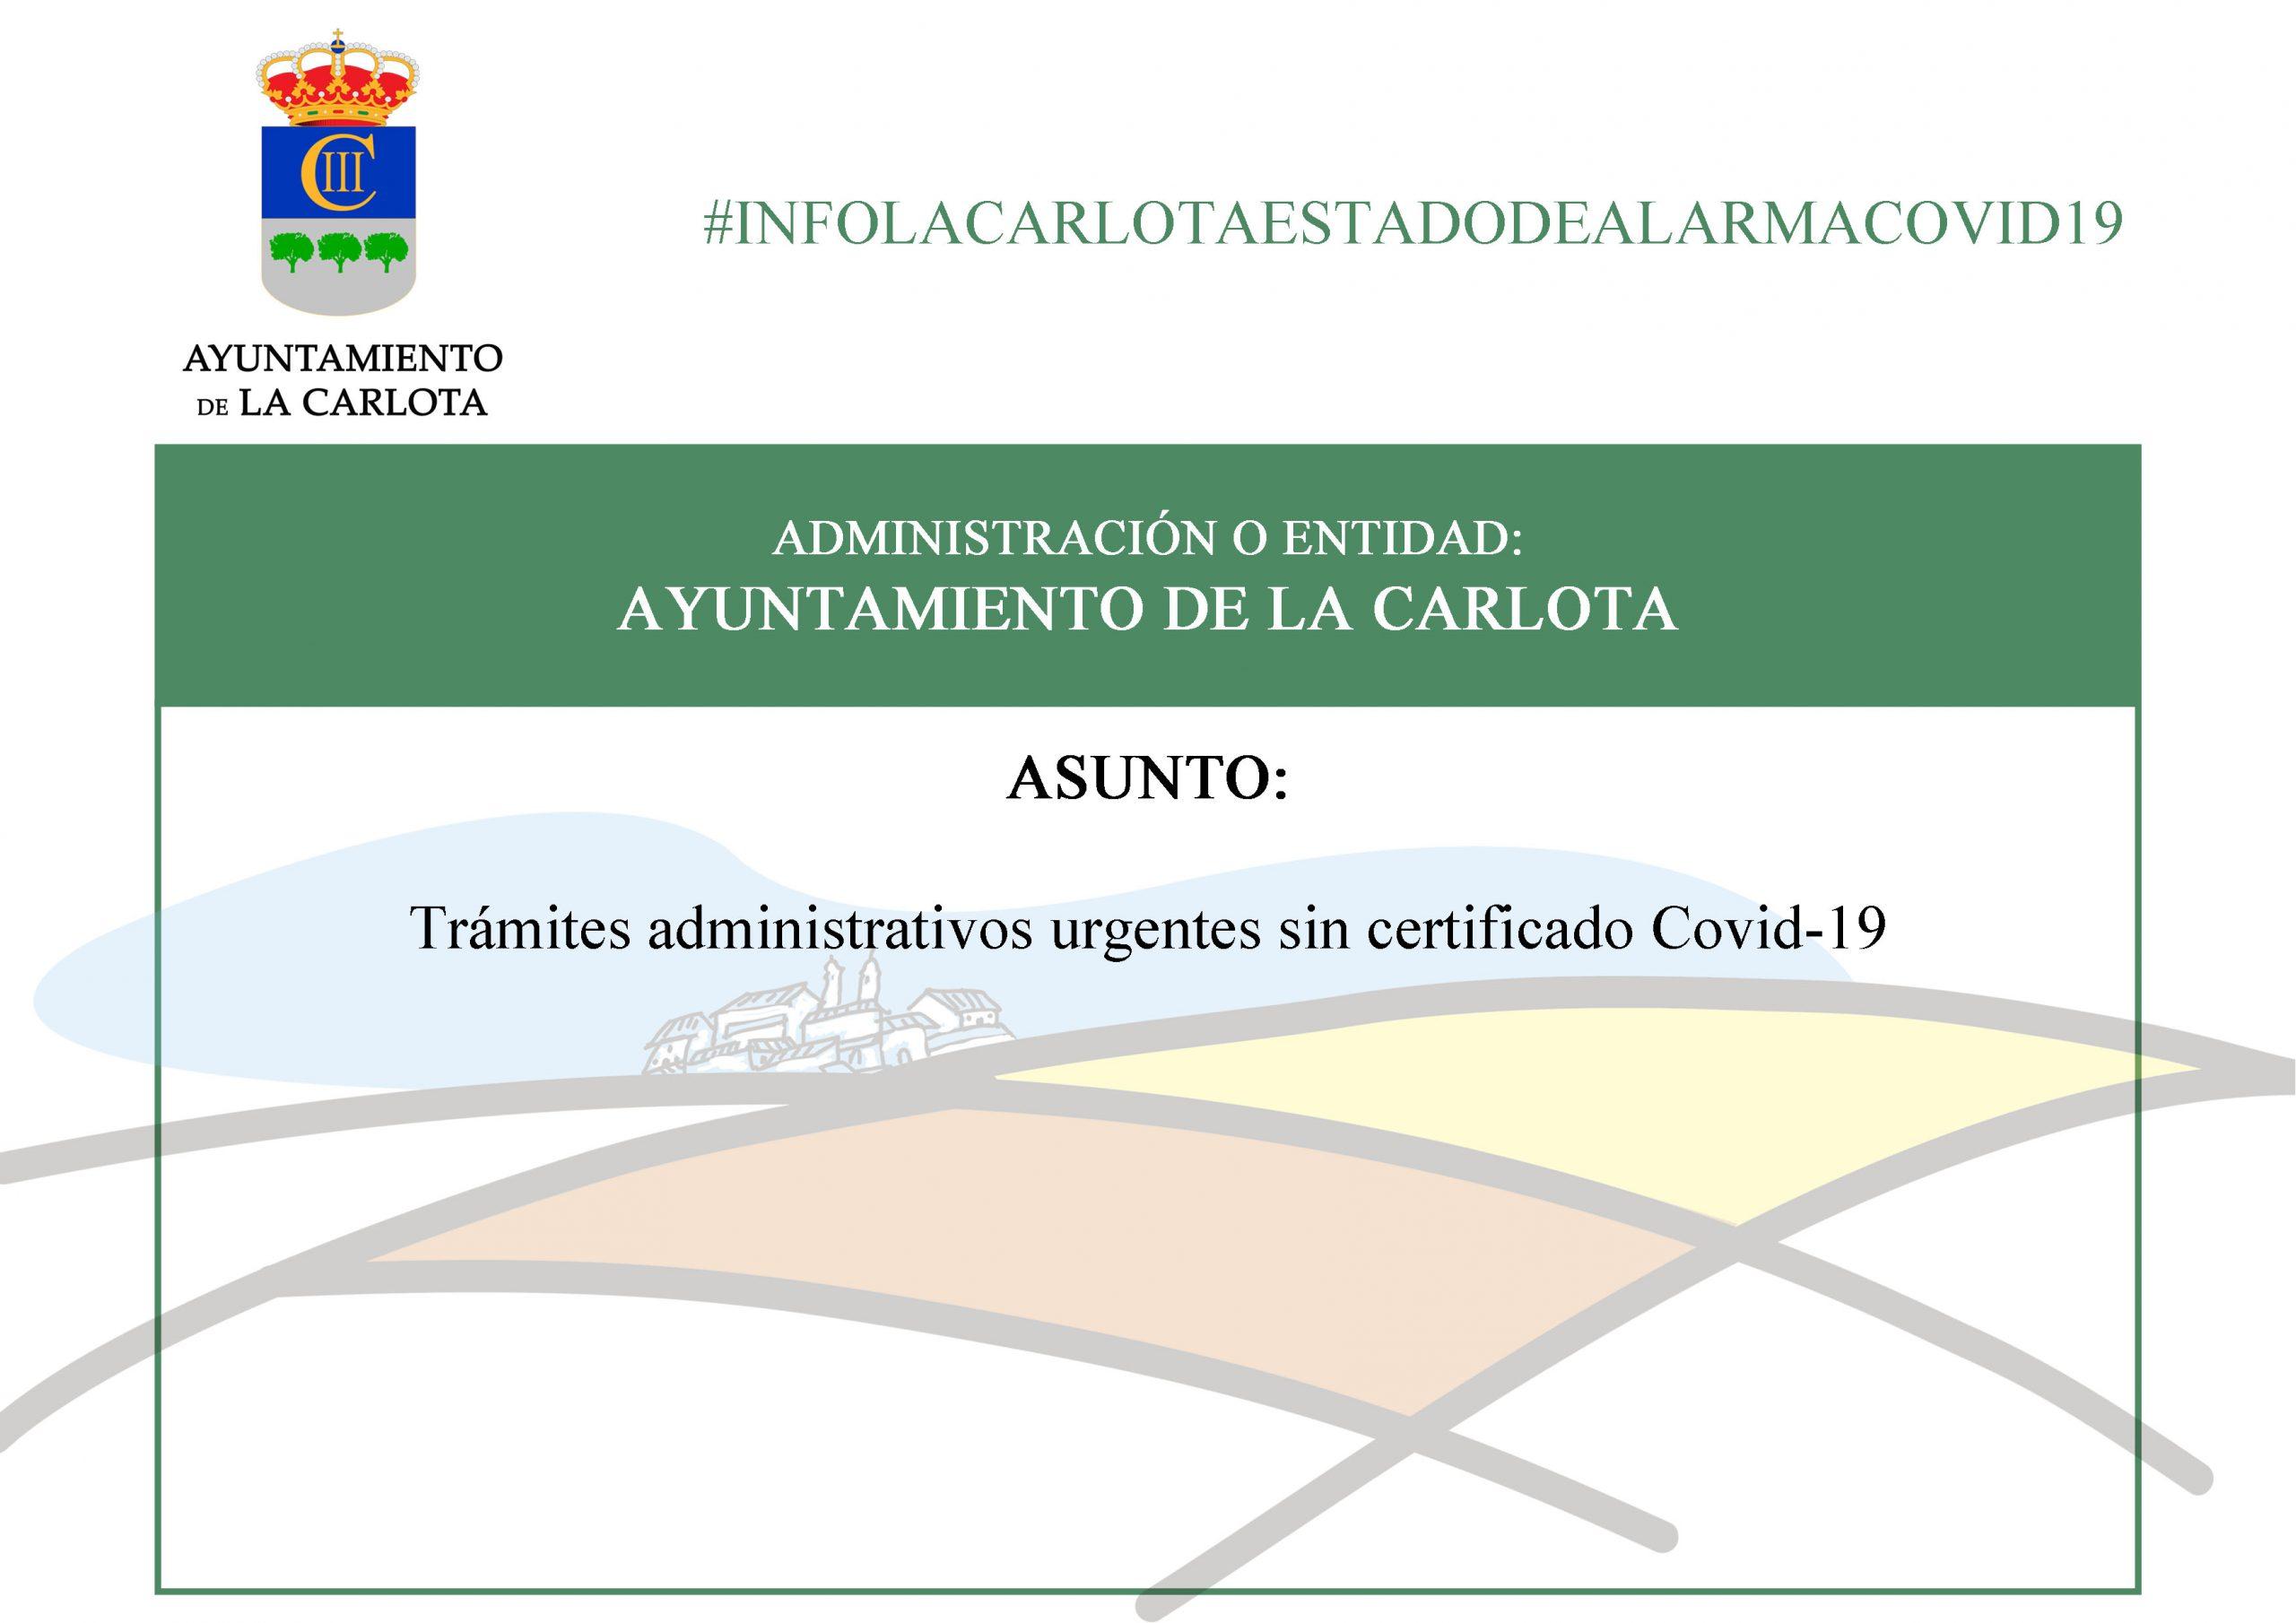 #INFOLACARLOTAESTADODEALARMACOVID19 TRÁMITES ADMINISTRATIVOS URGENTES SIN CERTIFICADO COVID-19 1